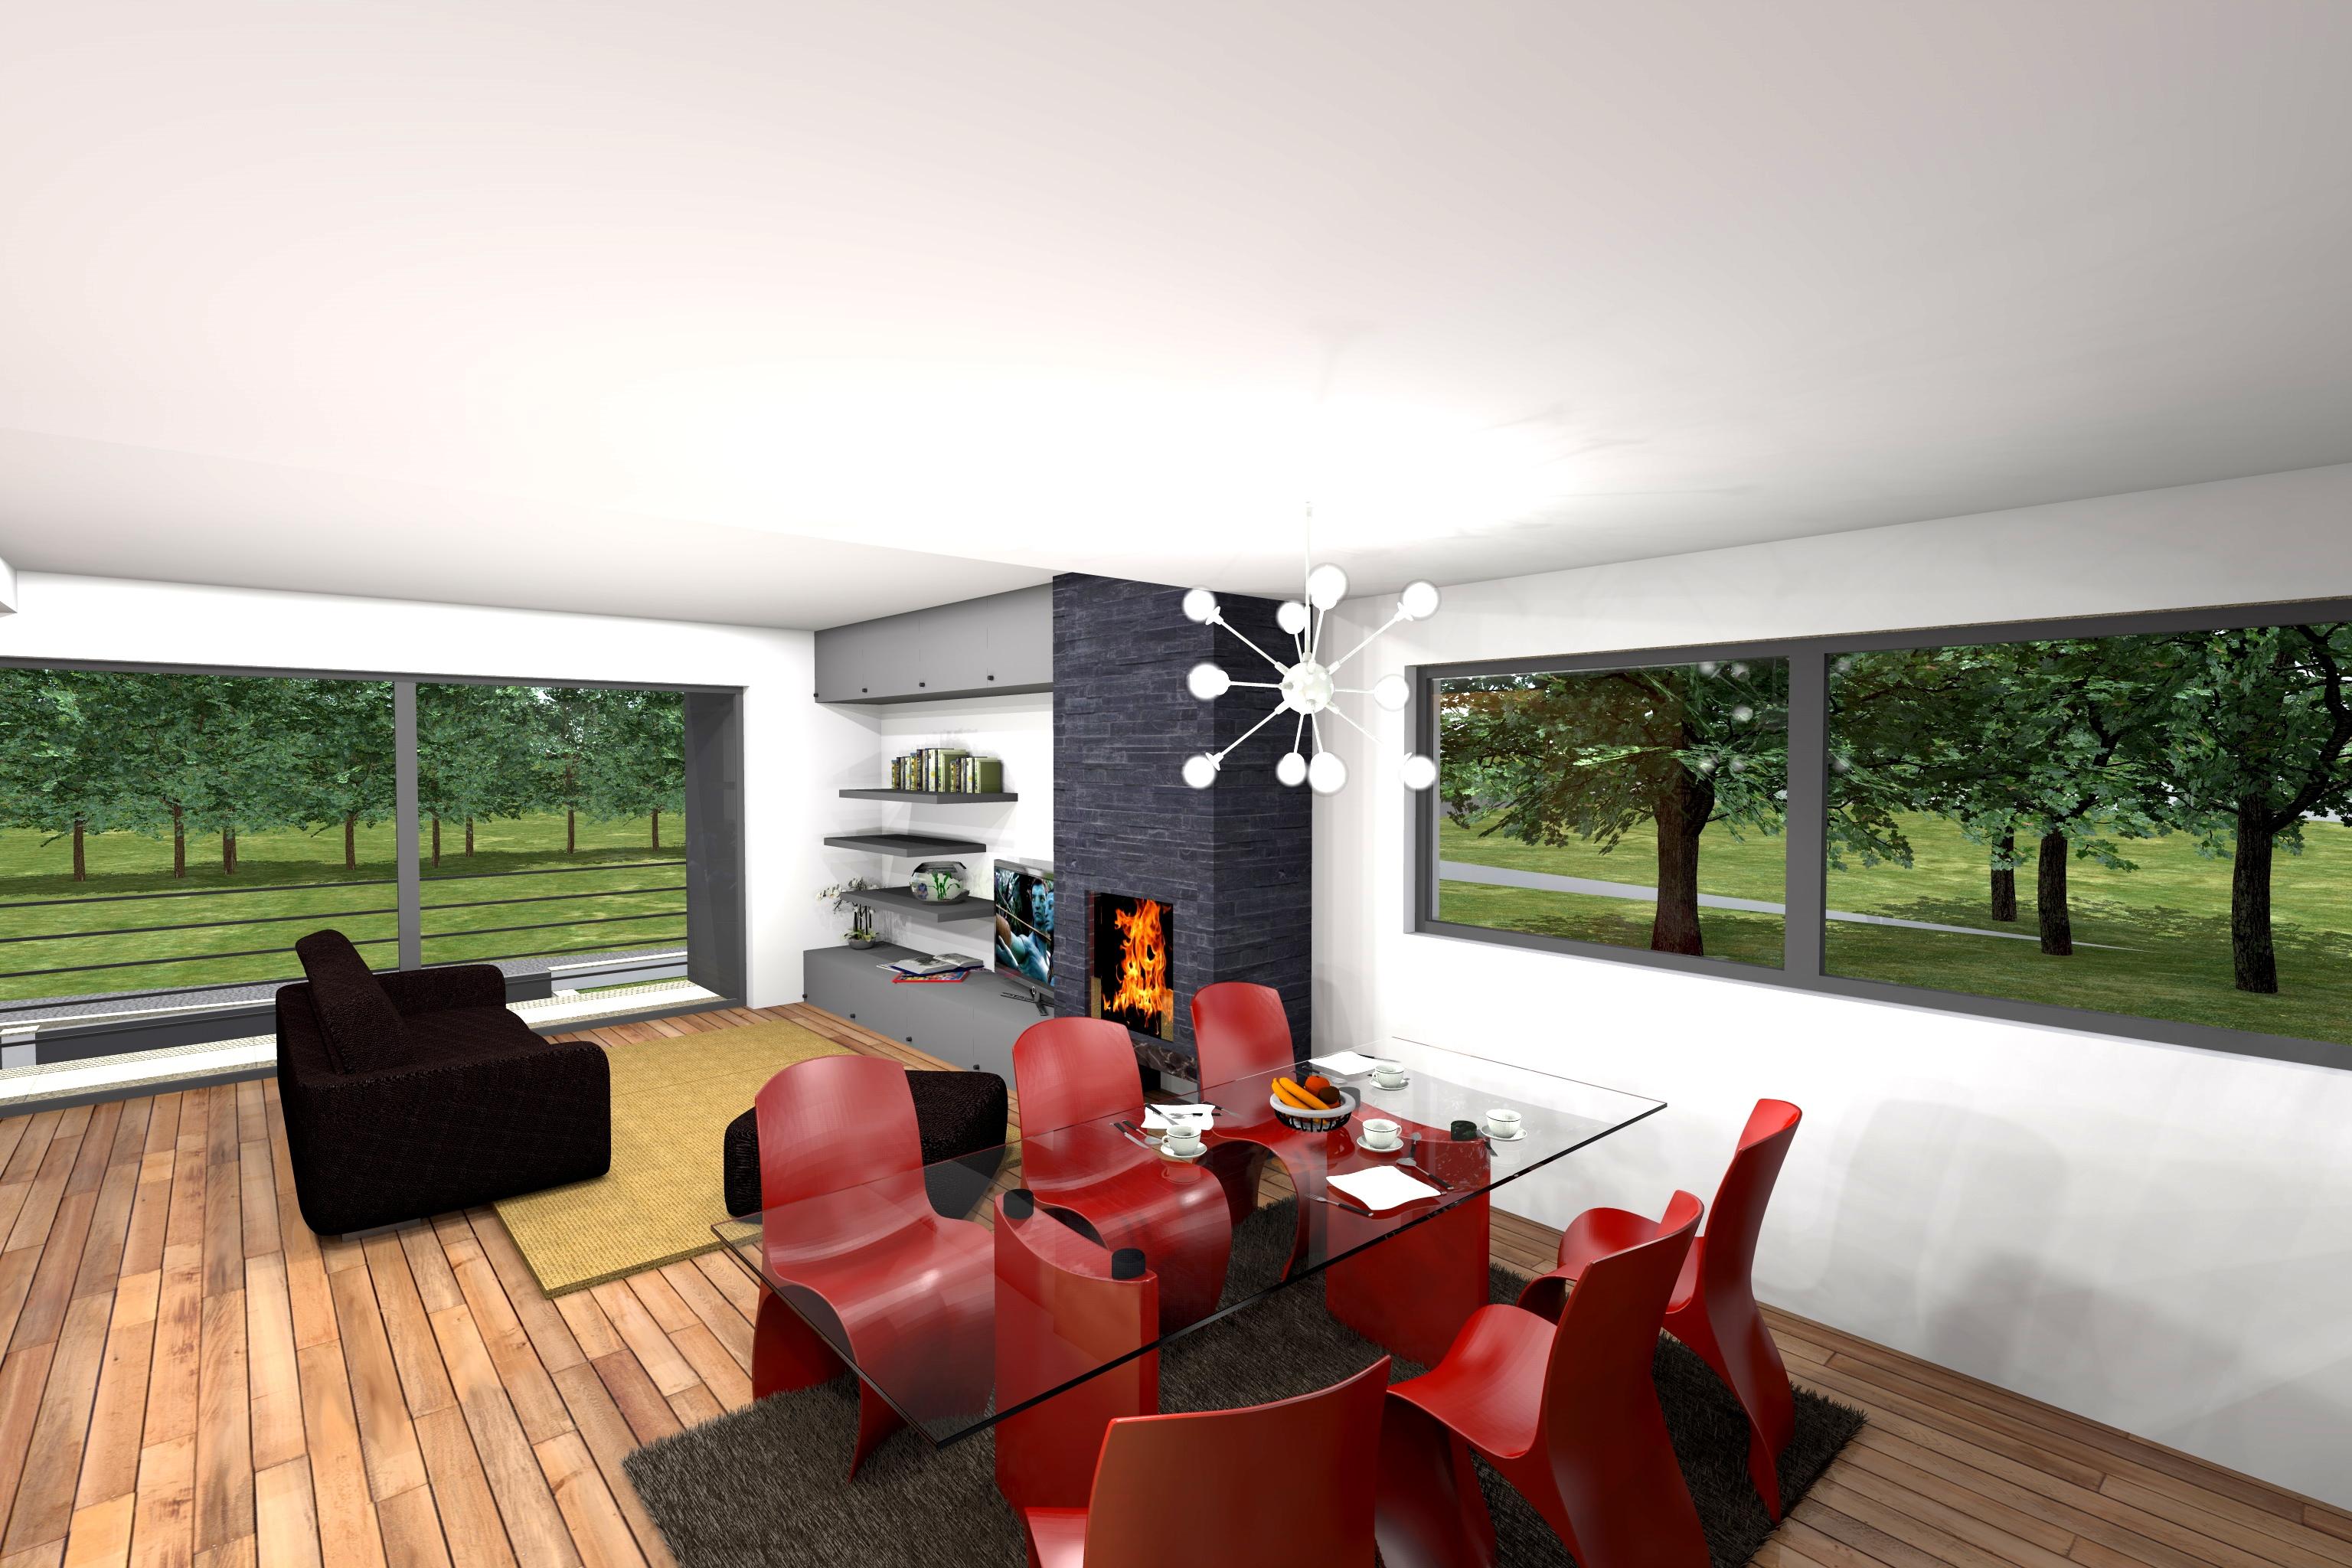 Interiores_4